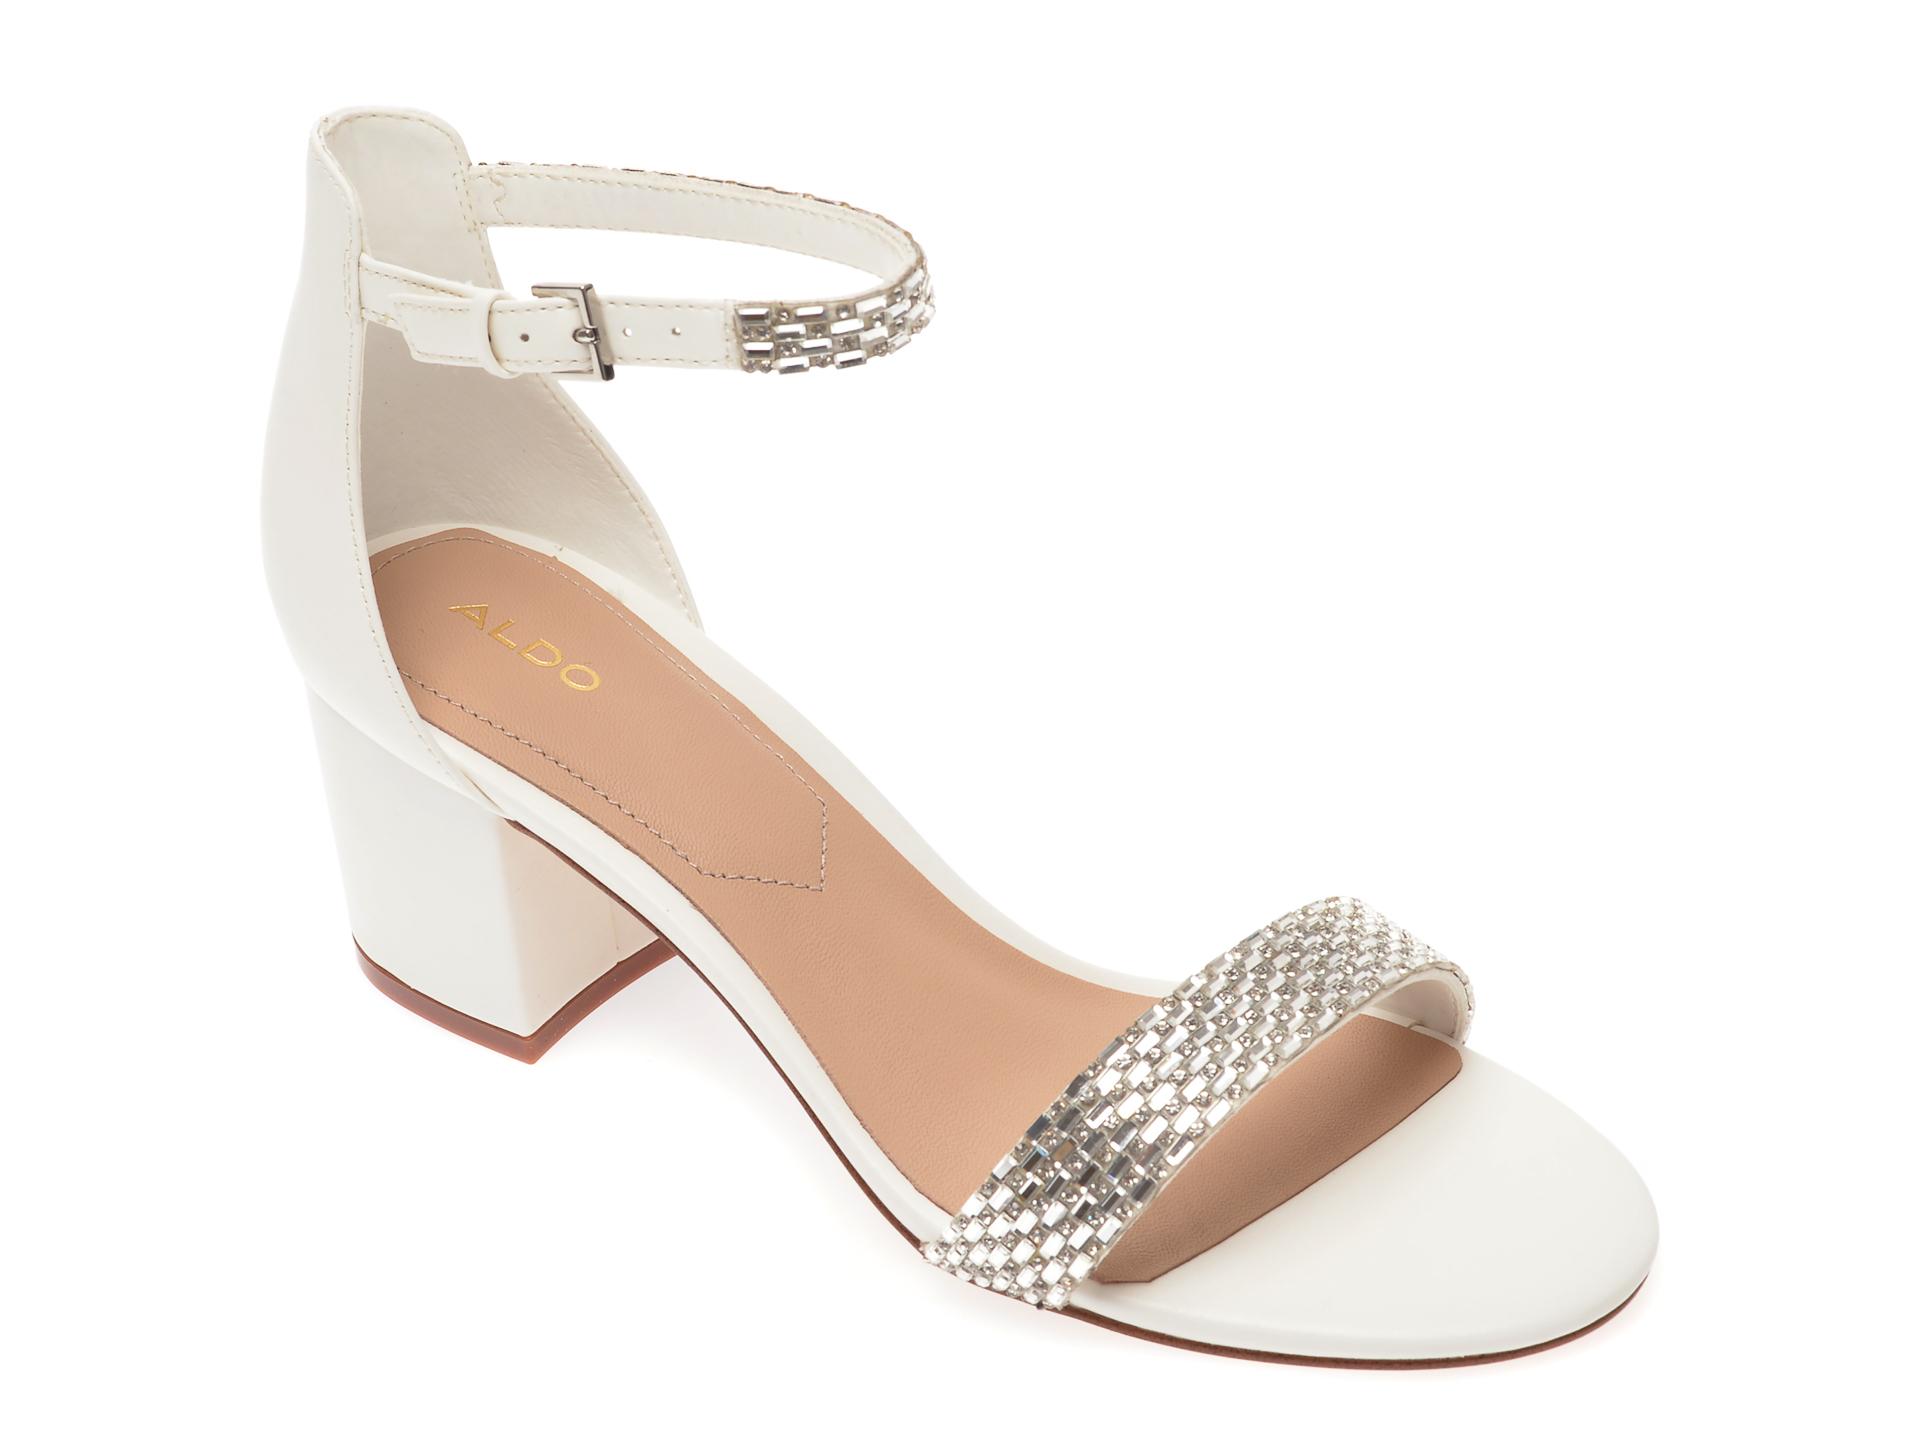 Sandale ALDO albe, Vanami100, din piele ecologica